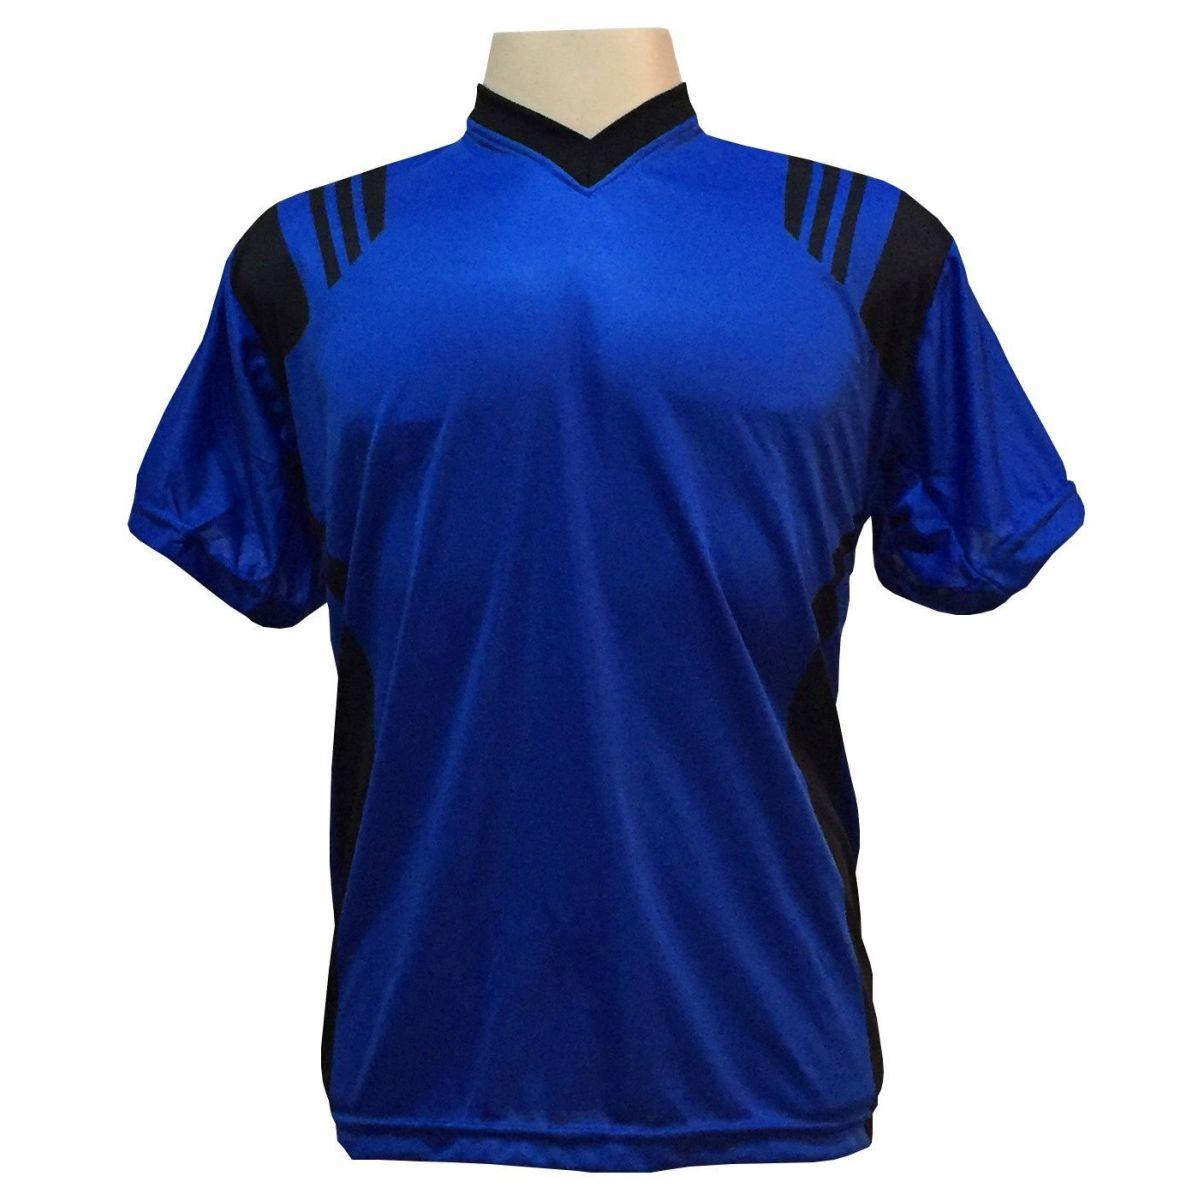 Uniforme Completo - Modelo Roma Royal/Preto 12+1 (12 camisas + 12 calções + 13 pares de meiões + 1 conjunto de goleiro) + Brindes